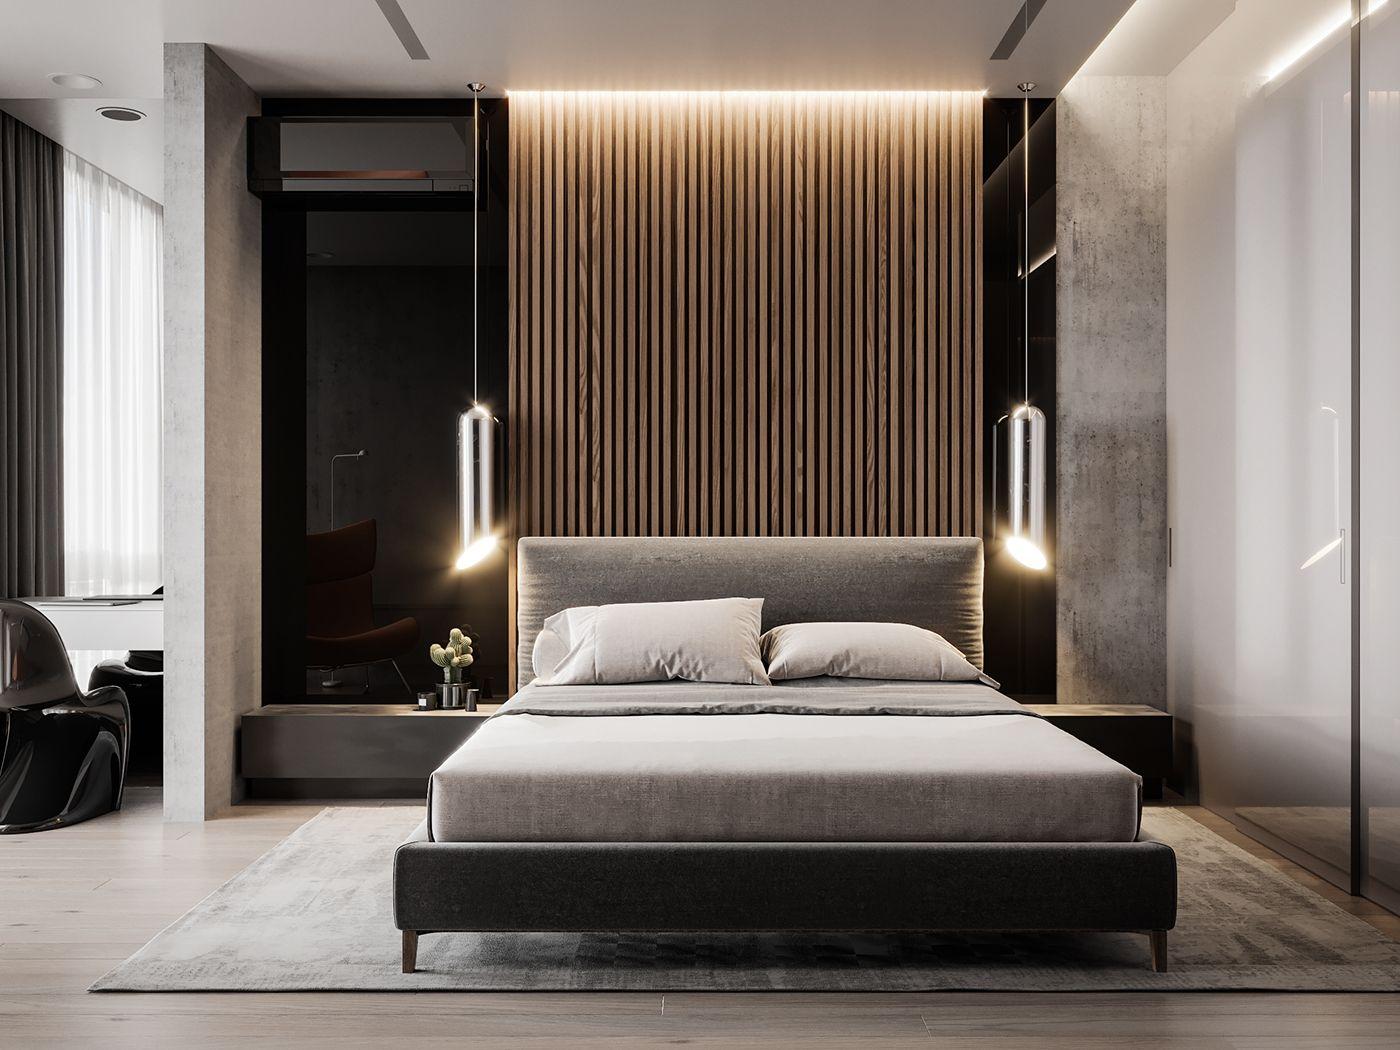 bedroom design  Bedroom minimalism in 2019  Modern